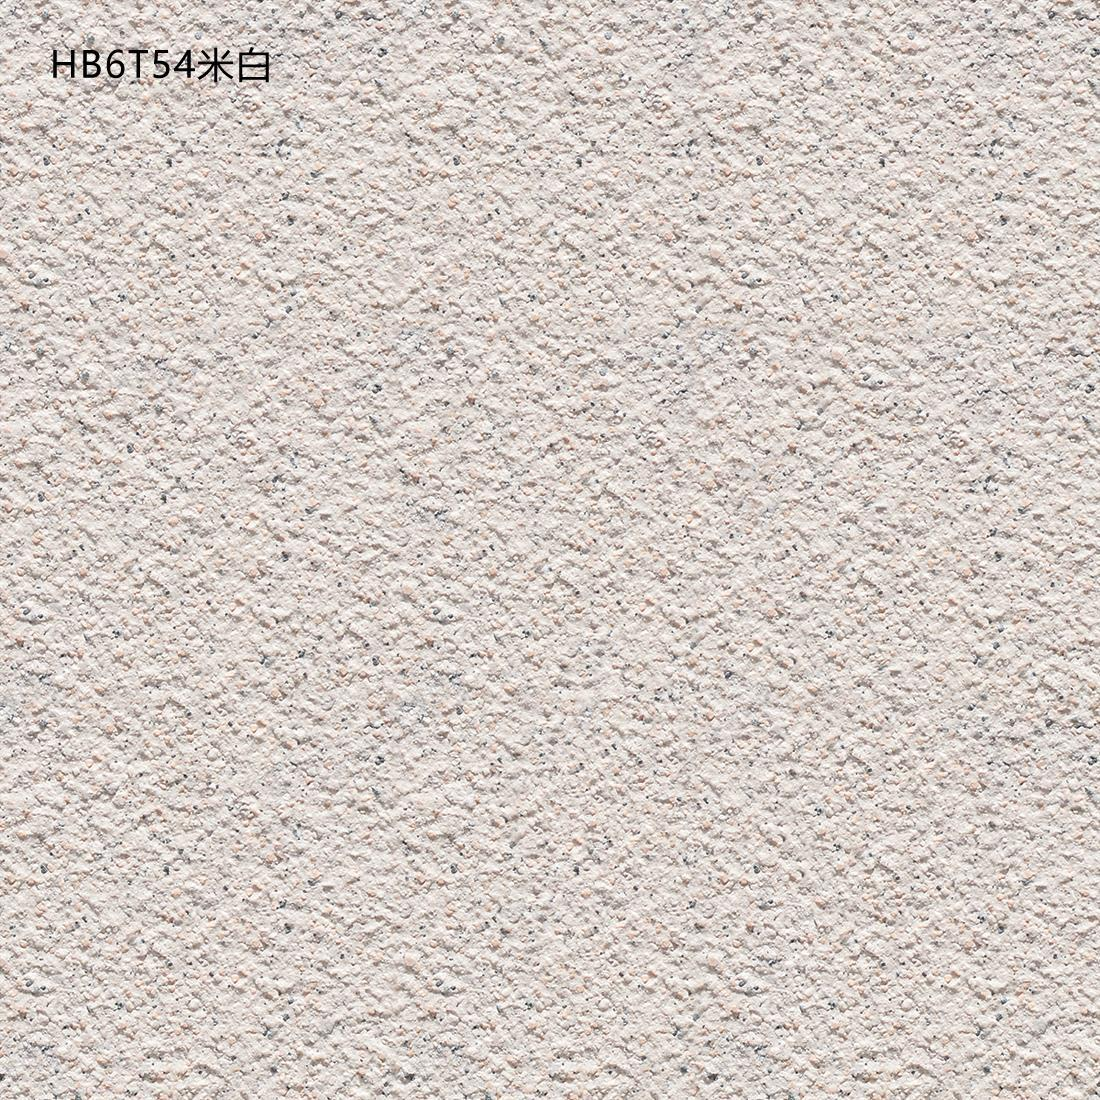 瓷磚厚板干掛如何應用?